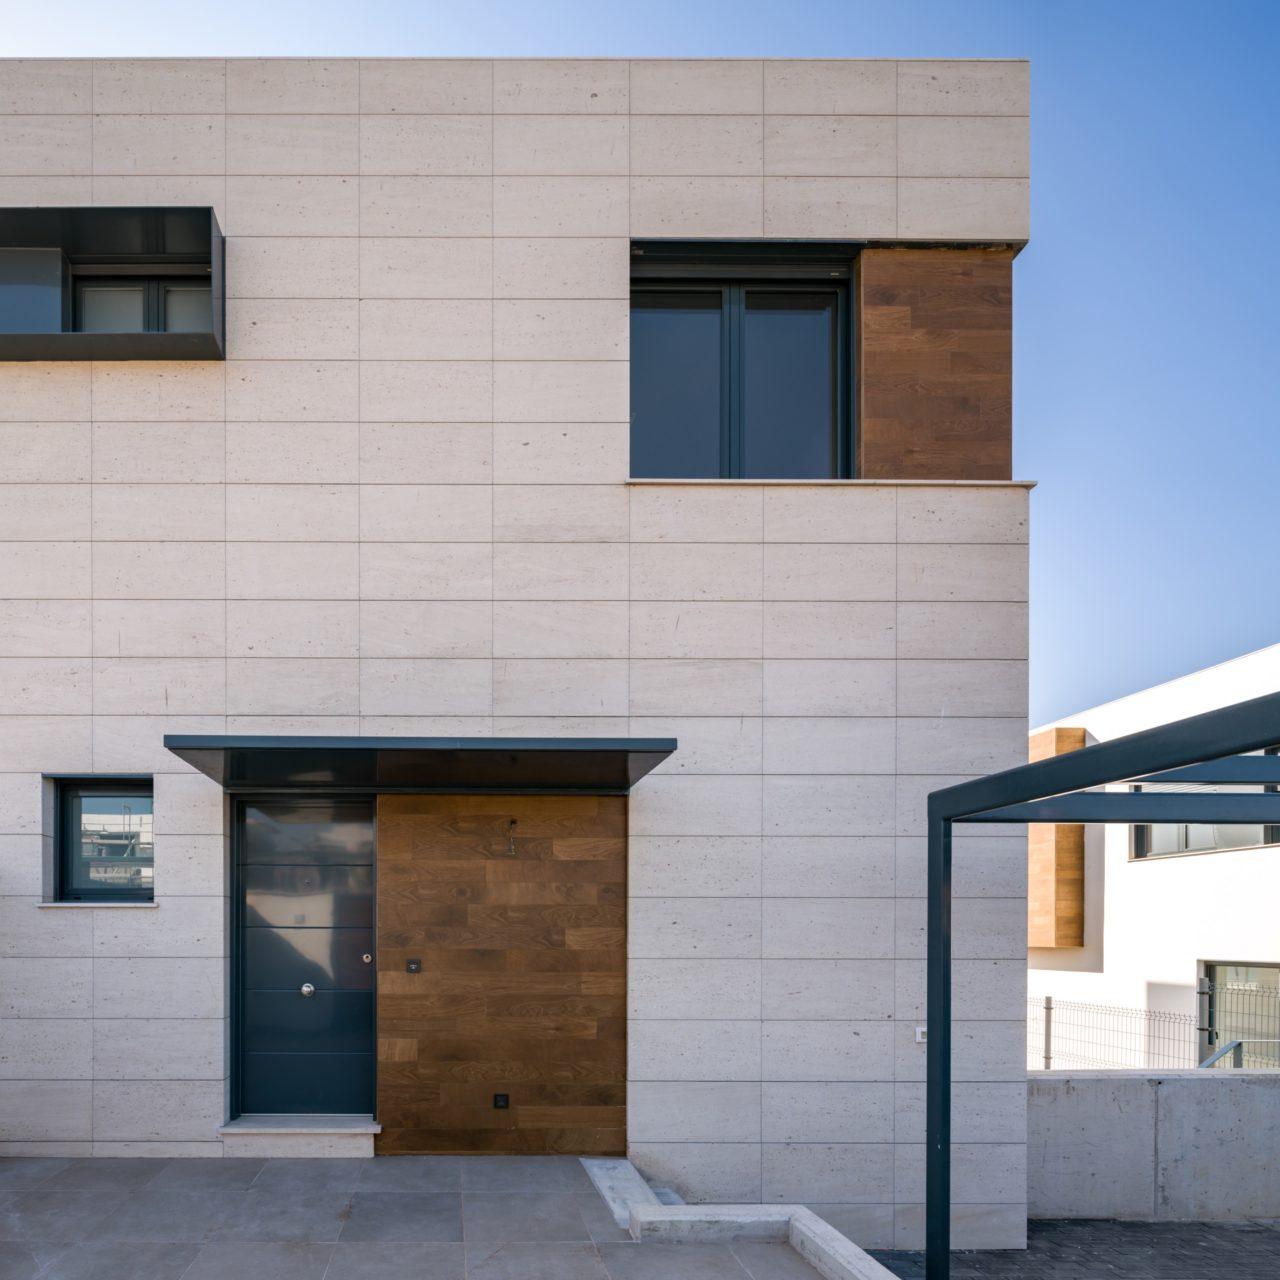 Vista en detalle del acceso a una de las viviendas